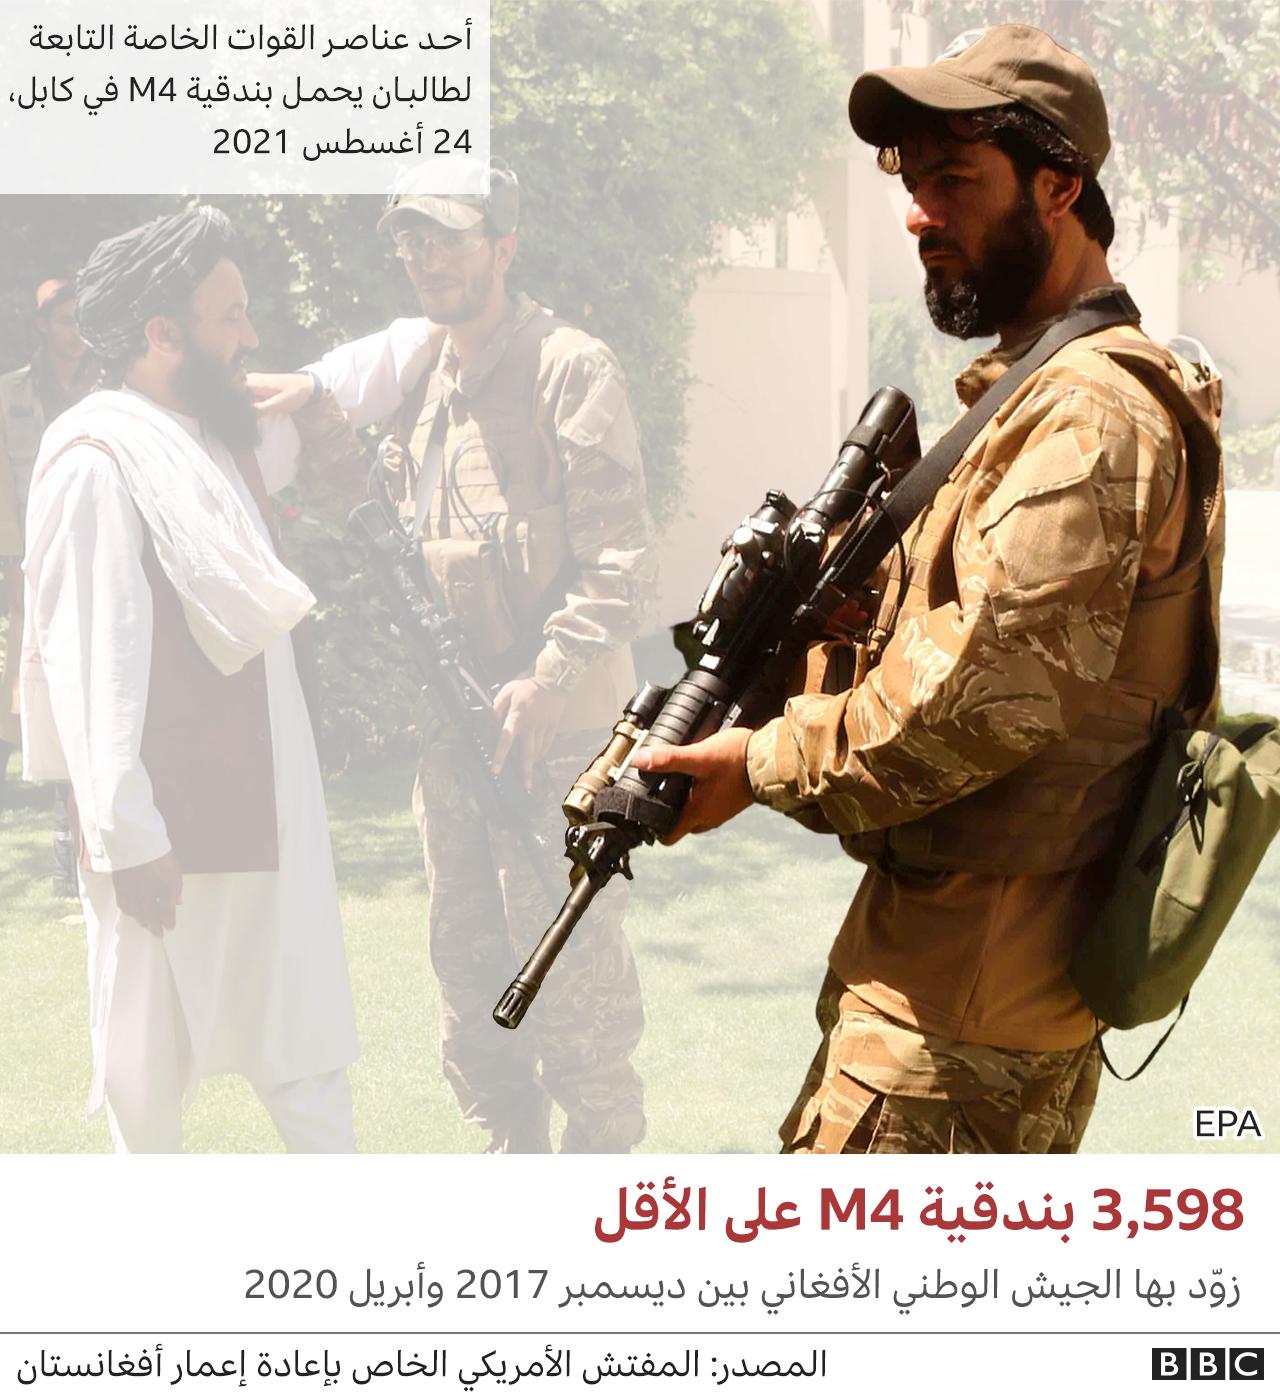 أحد أفراد القوات الخاصة التابعة لطالبان يحمل بندقية أم 4 الأمريكية